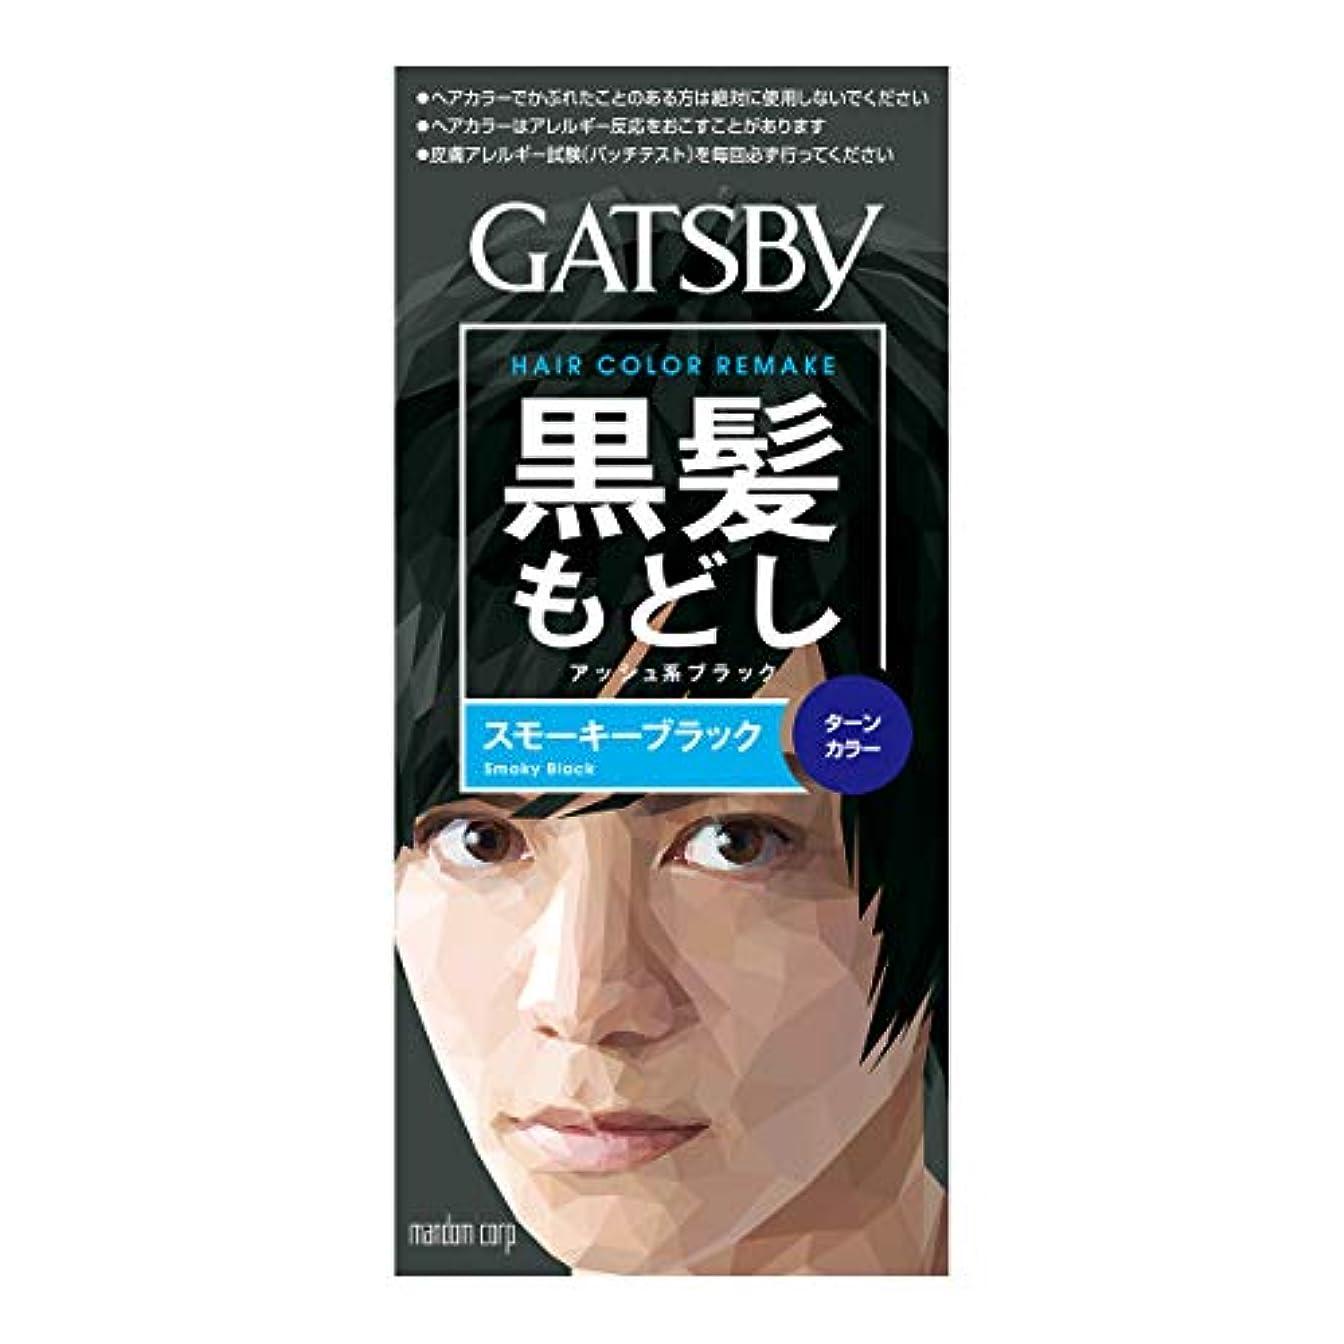 本パースストライクギャツビー ターンカラー スモーキーブラック【HTRC5.1】